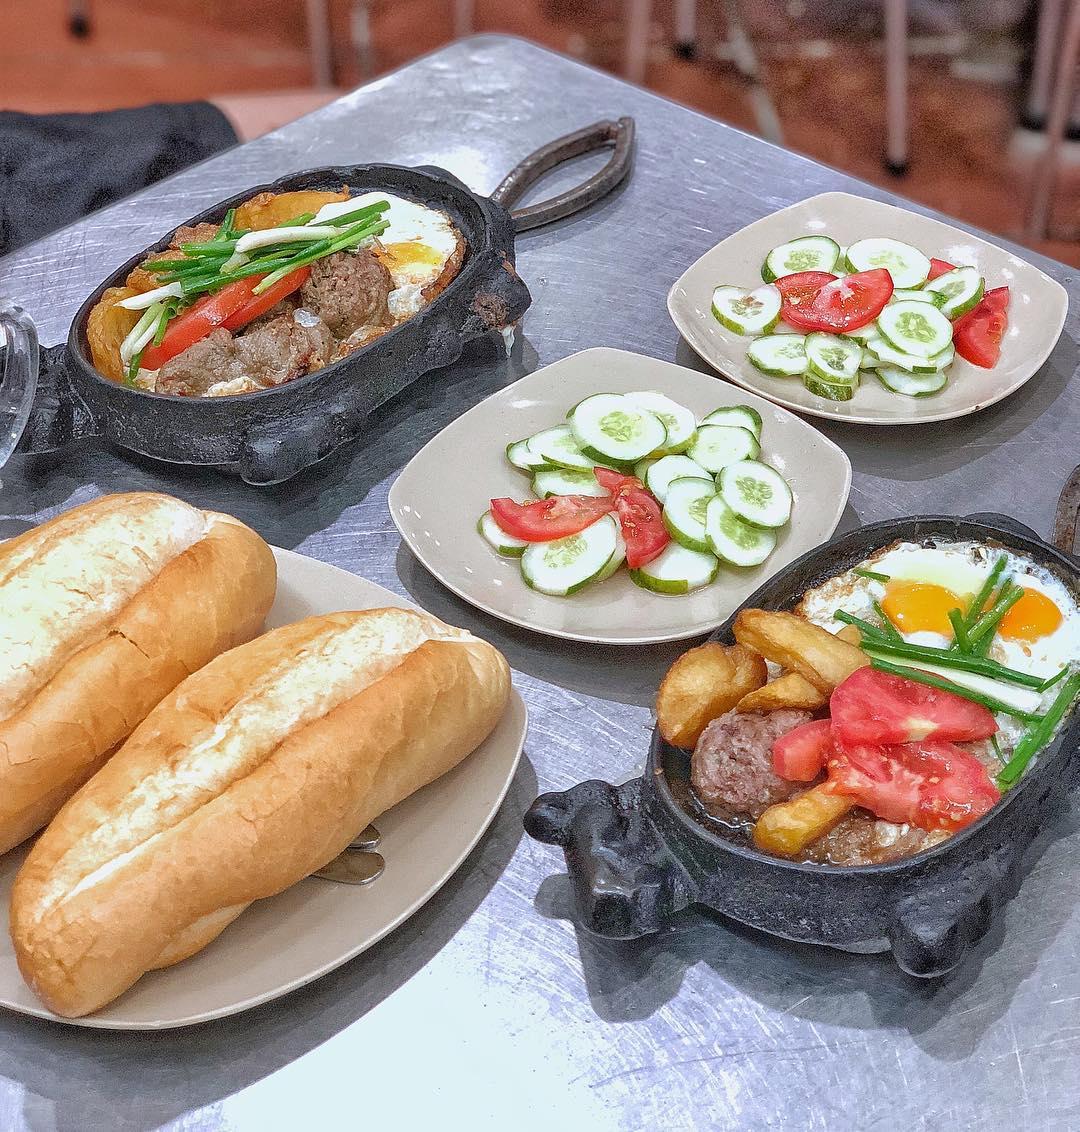 bánh mì hanoi - beef steak bánh mì